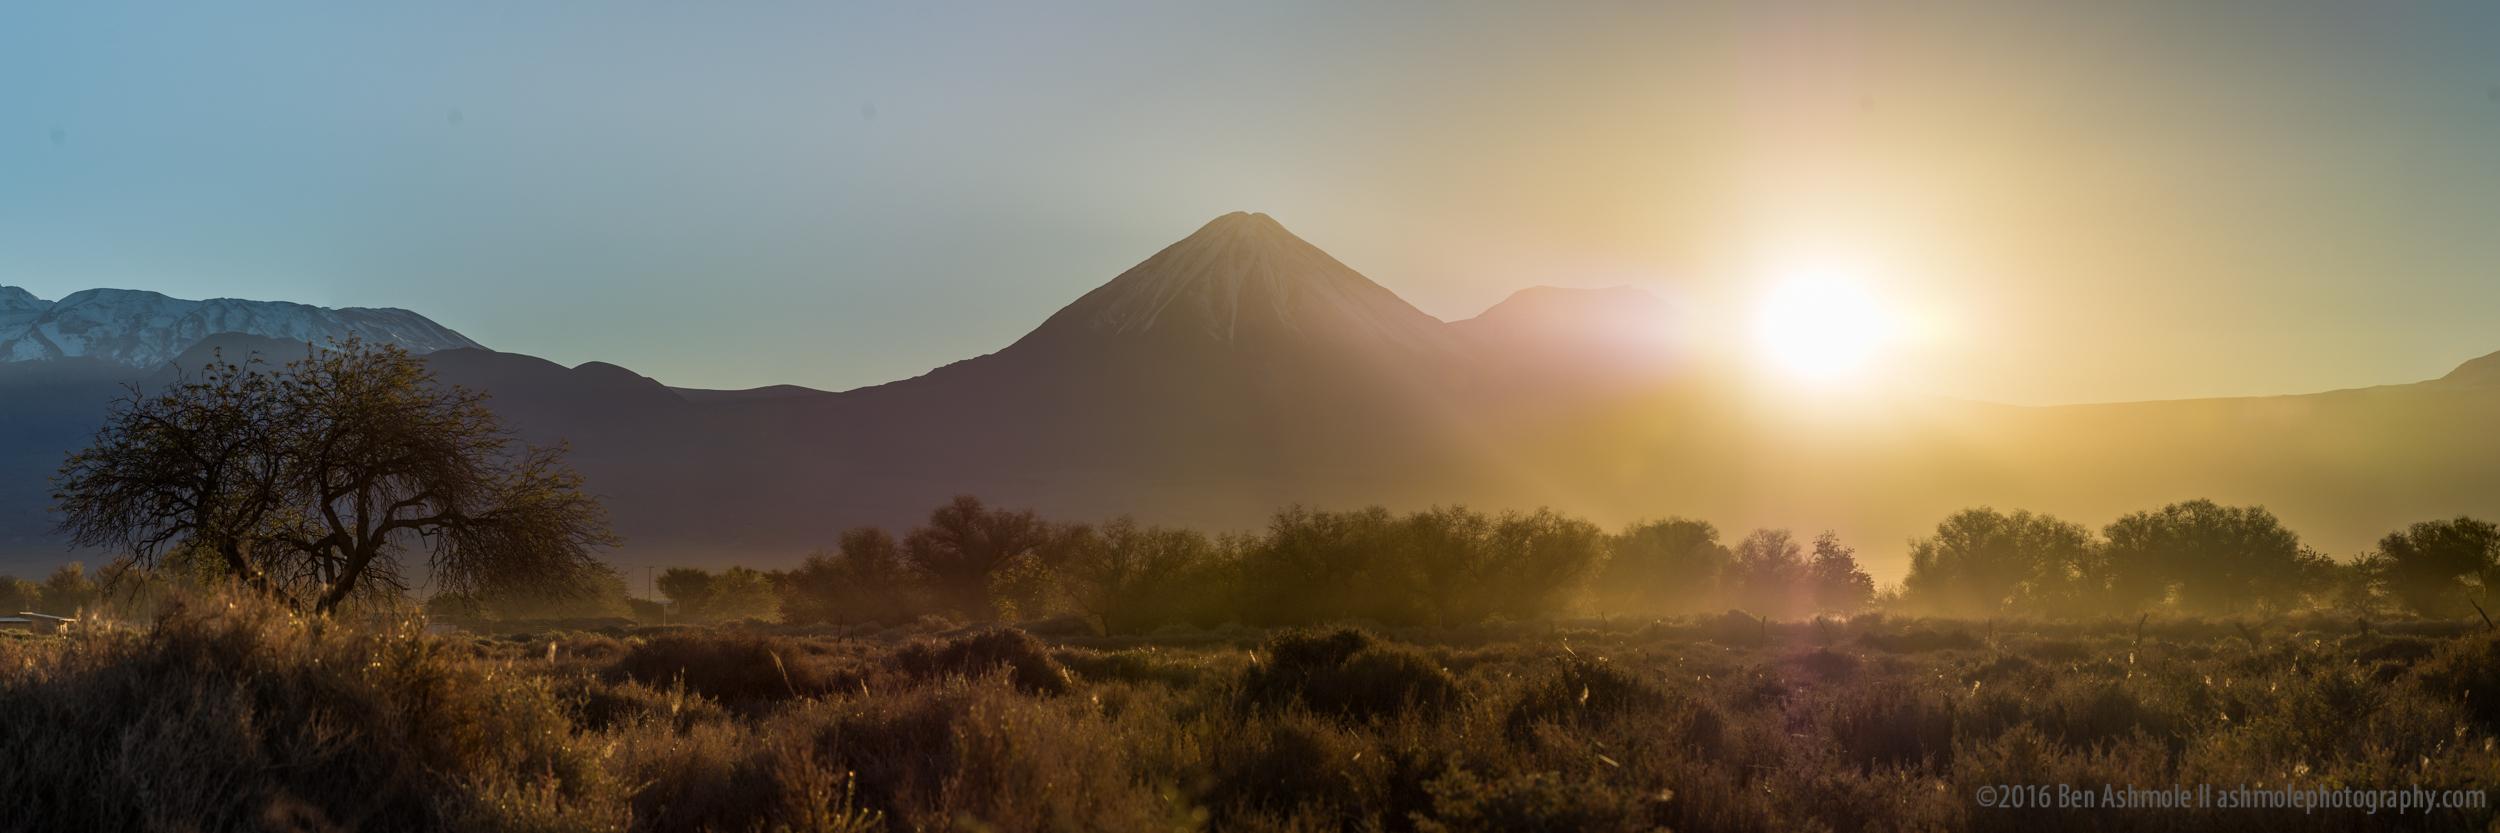 Eclipsing The Volcano, San Pedro De Atacama, Chile